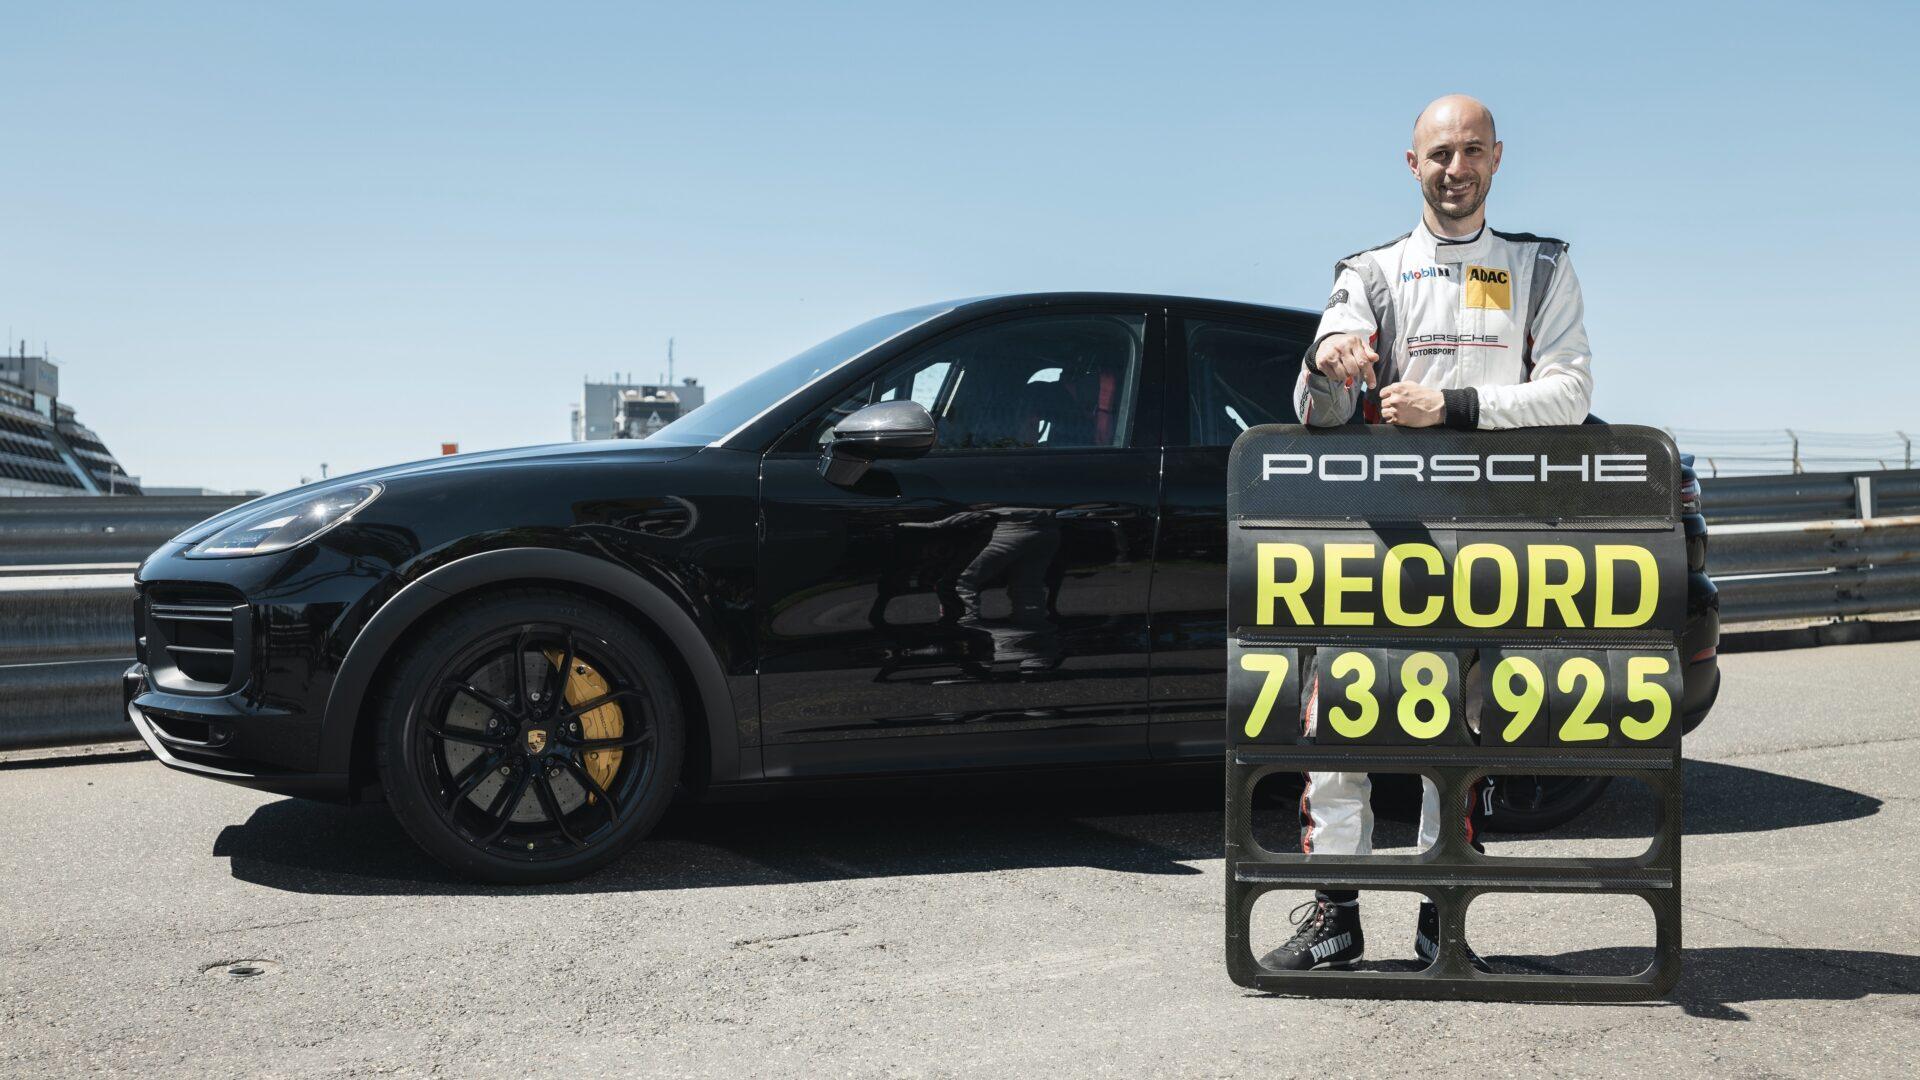 El nuevo Porsche Cayenne se convierte en el SUV más rápido en Nürburgring